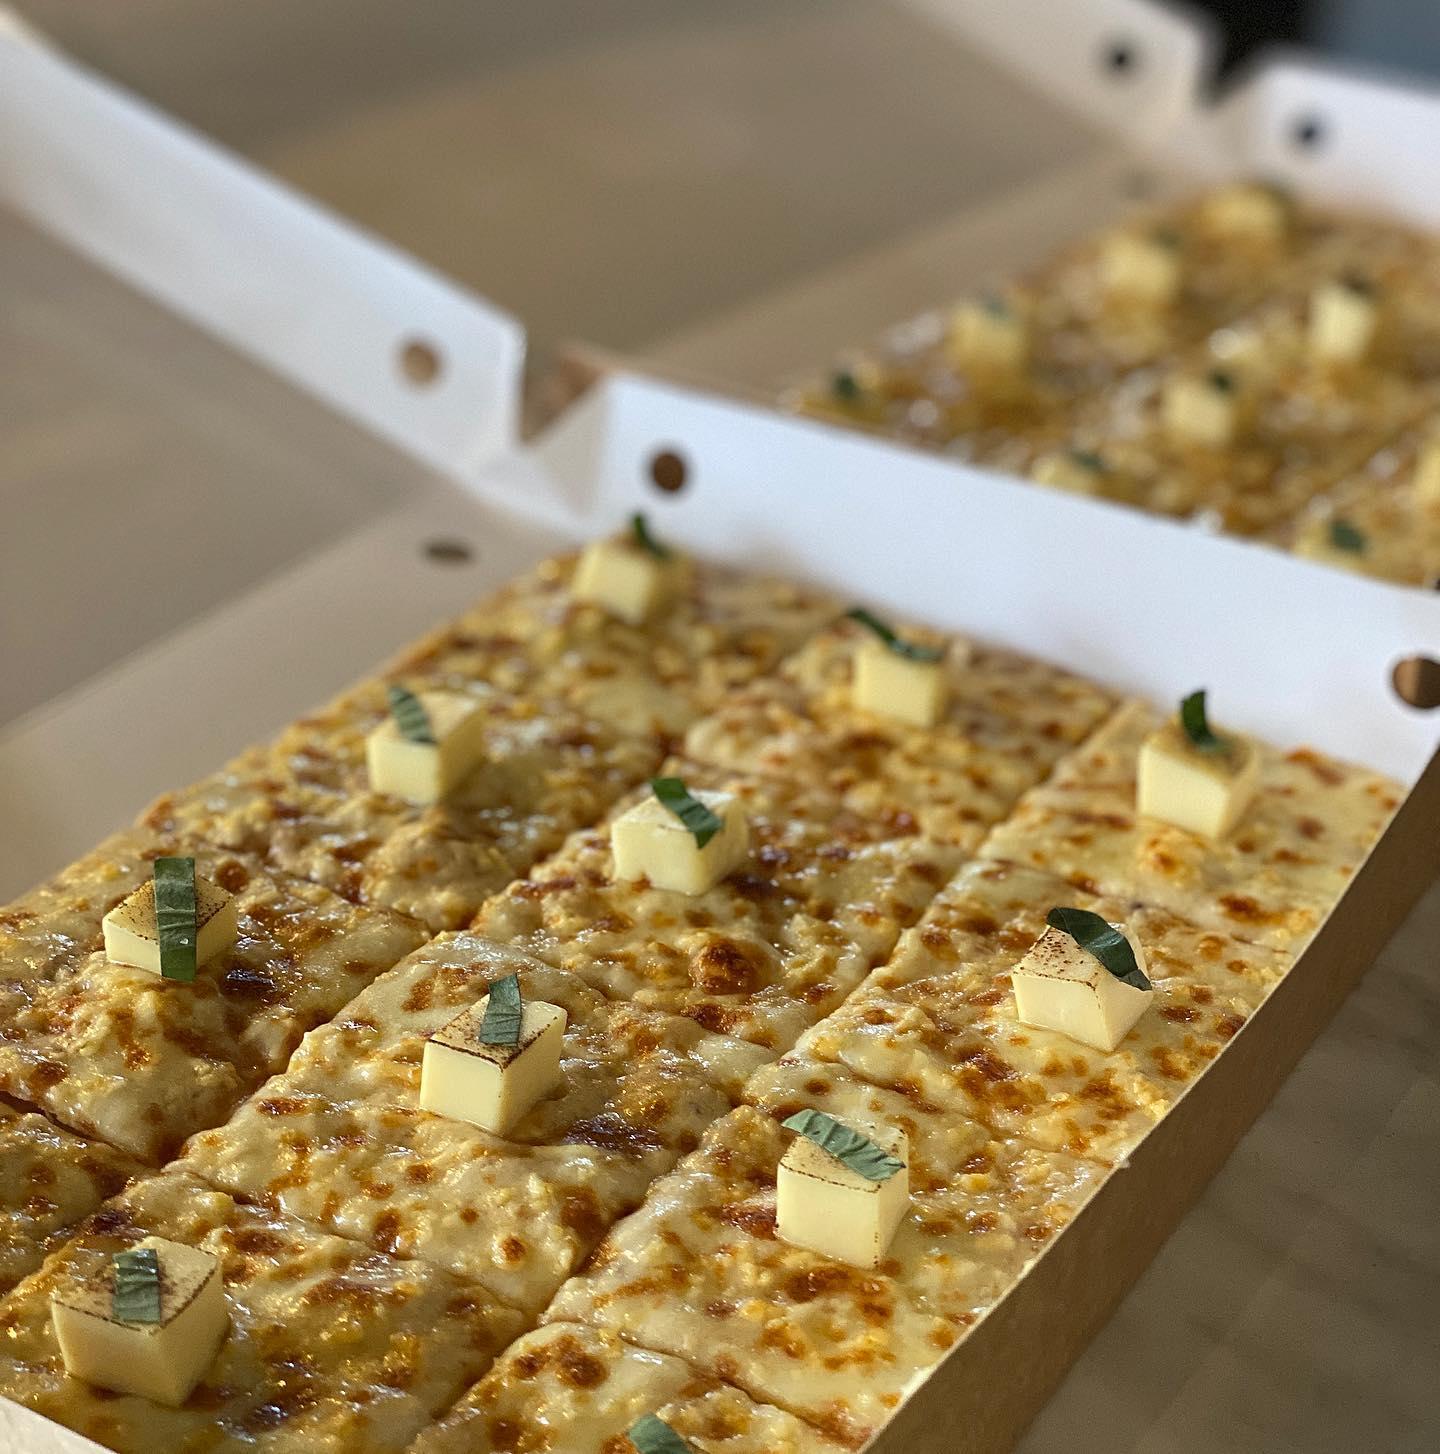 habanero kitchen bar three cheese pizza